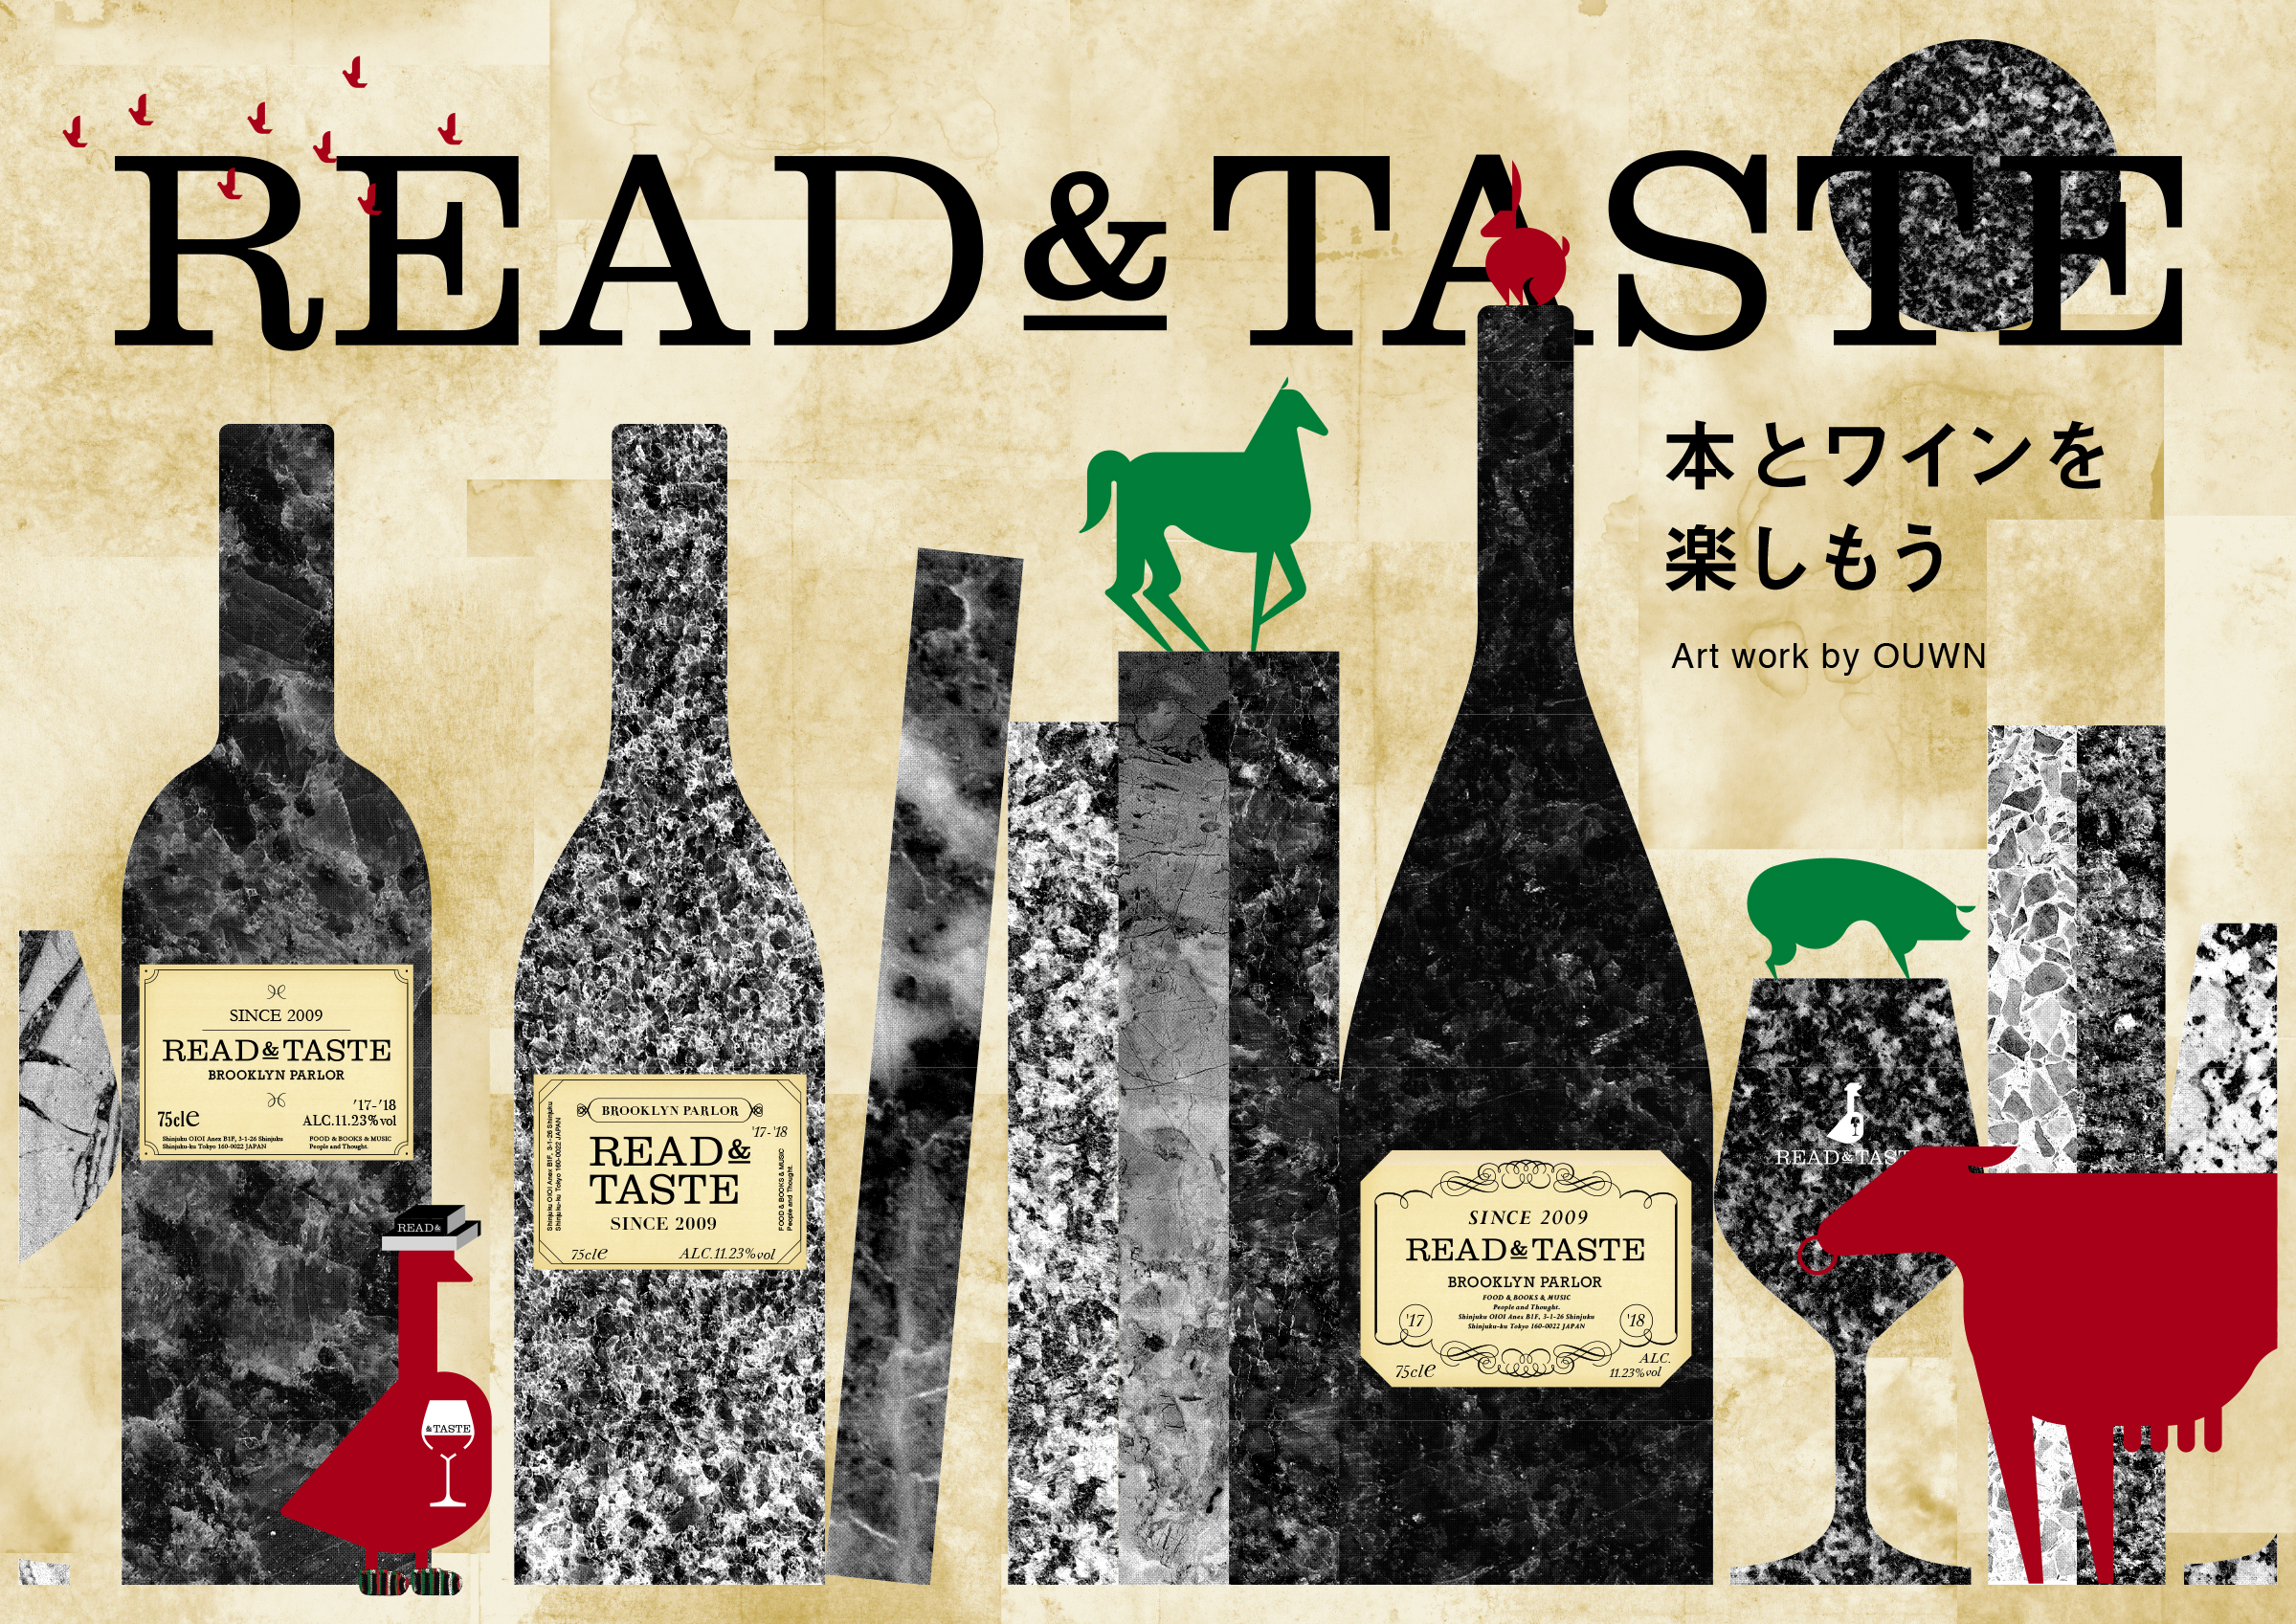 Brooklyn Parlorで『Read & Taste -本とワインを楽しもう-』開催